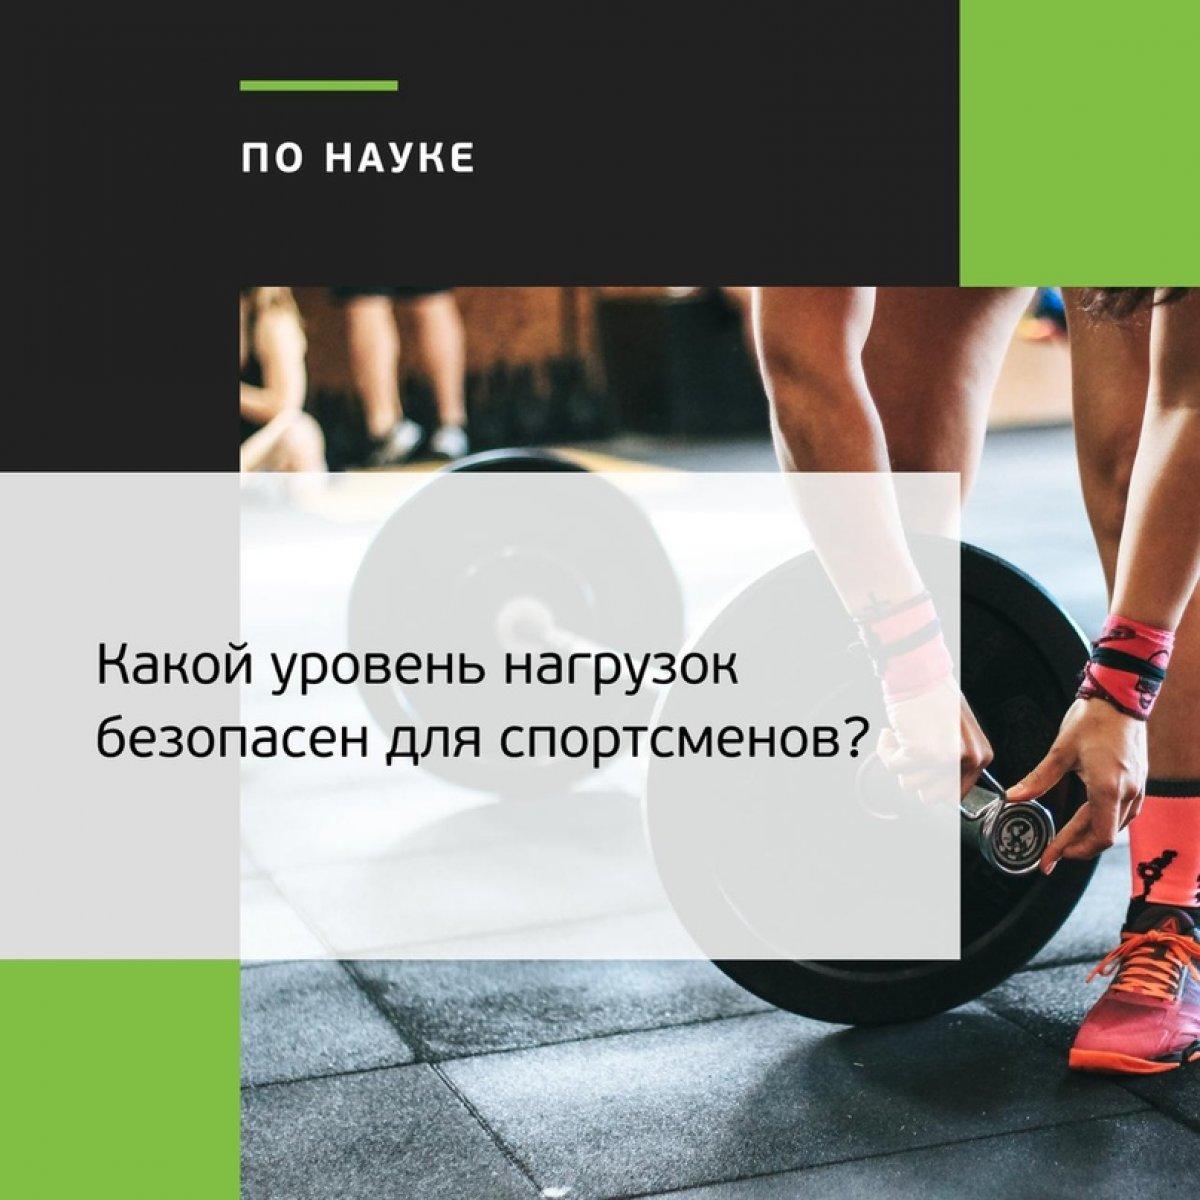 Почему со здоровыми людьми происходят несчастные случаи во время занятия спортом?